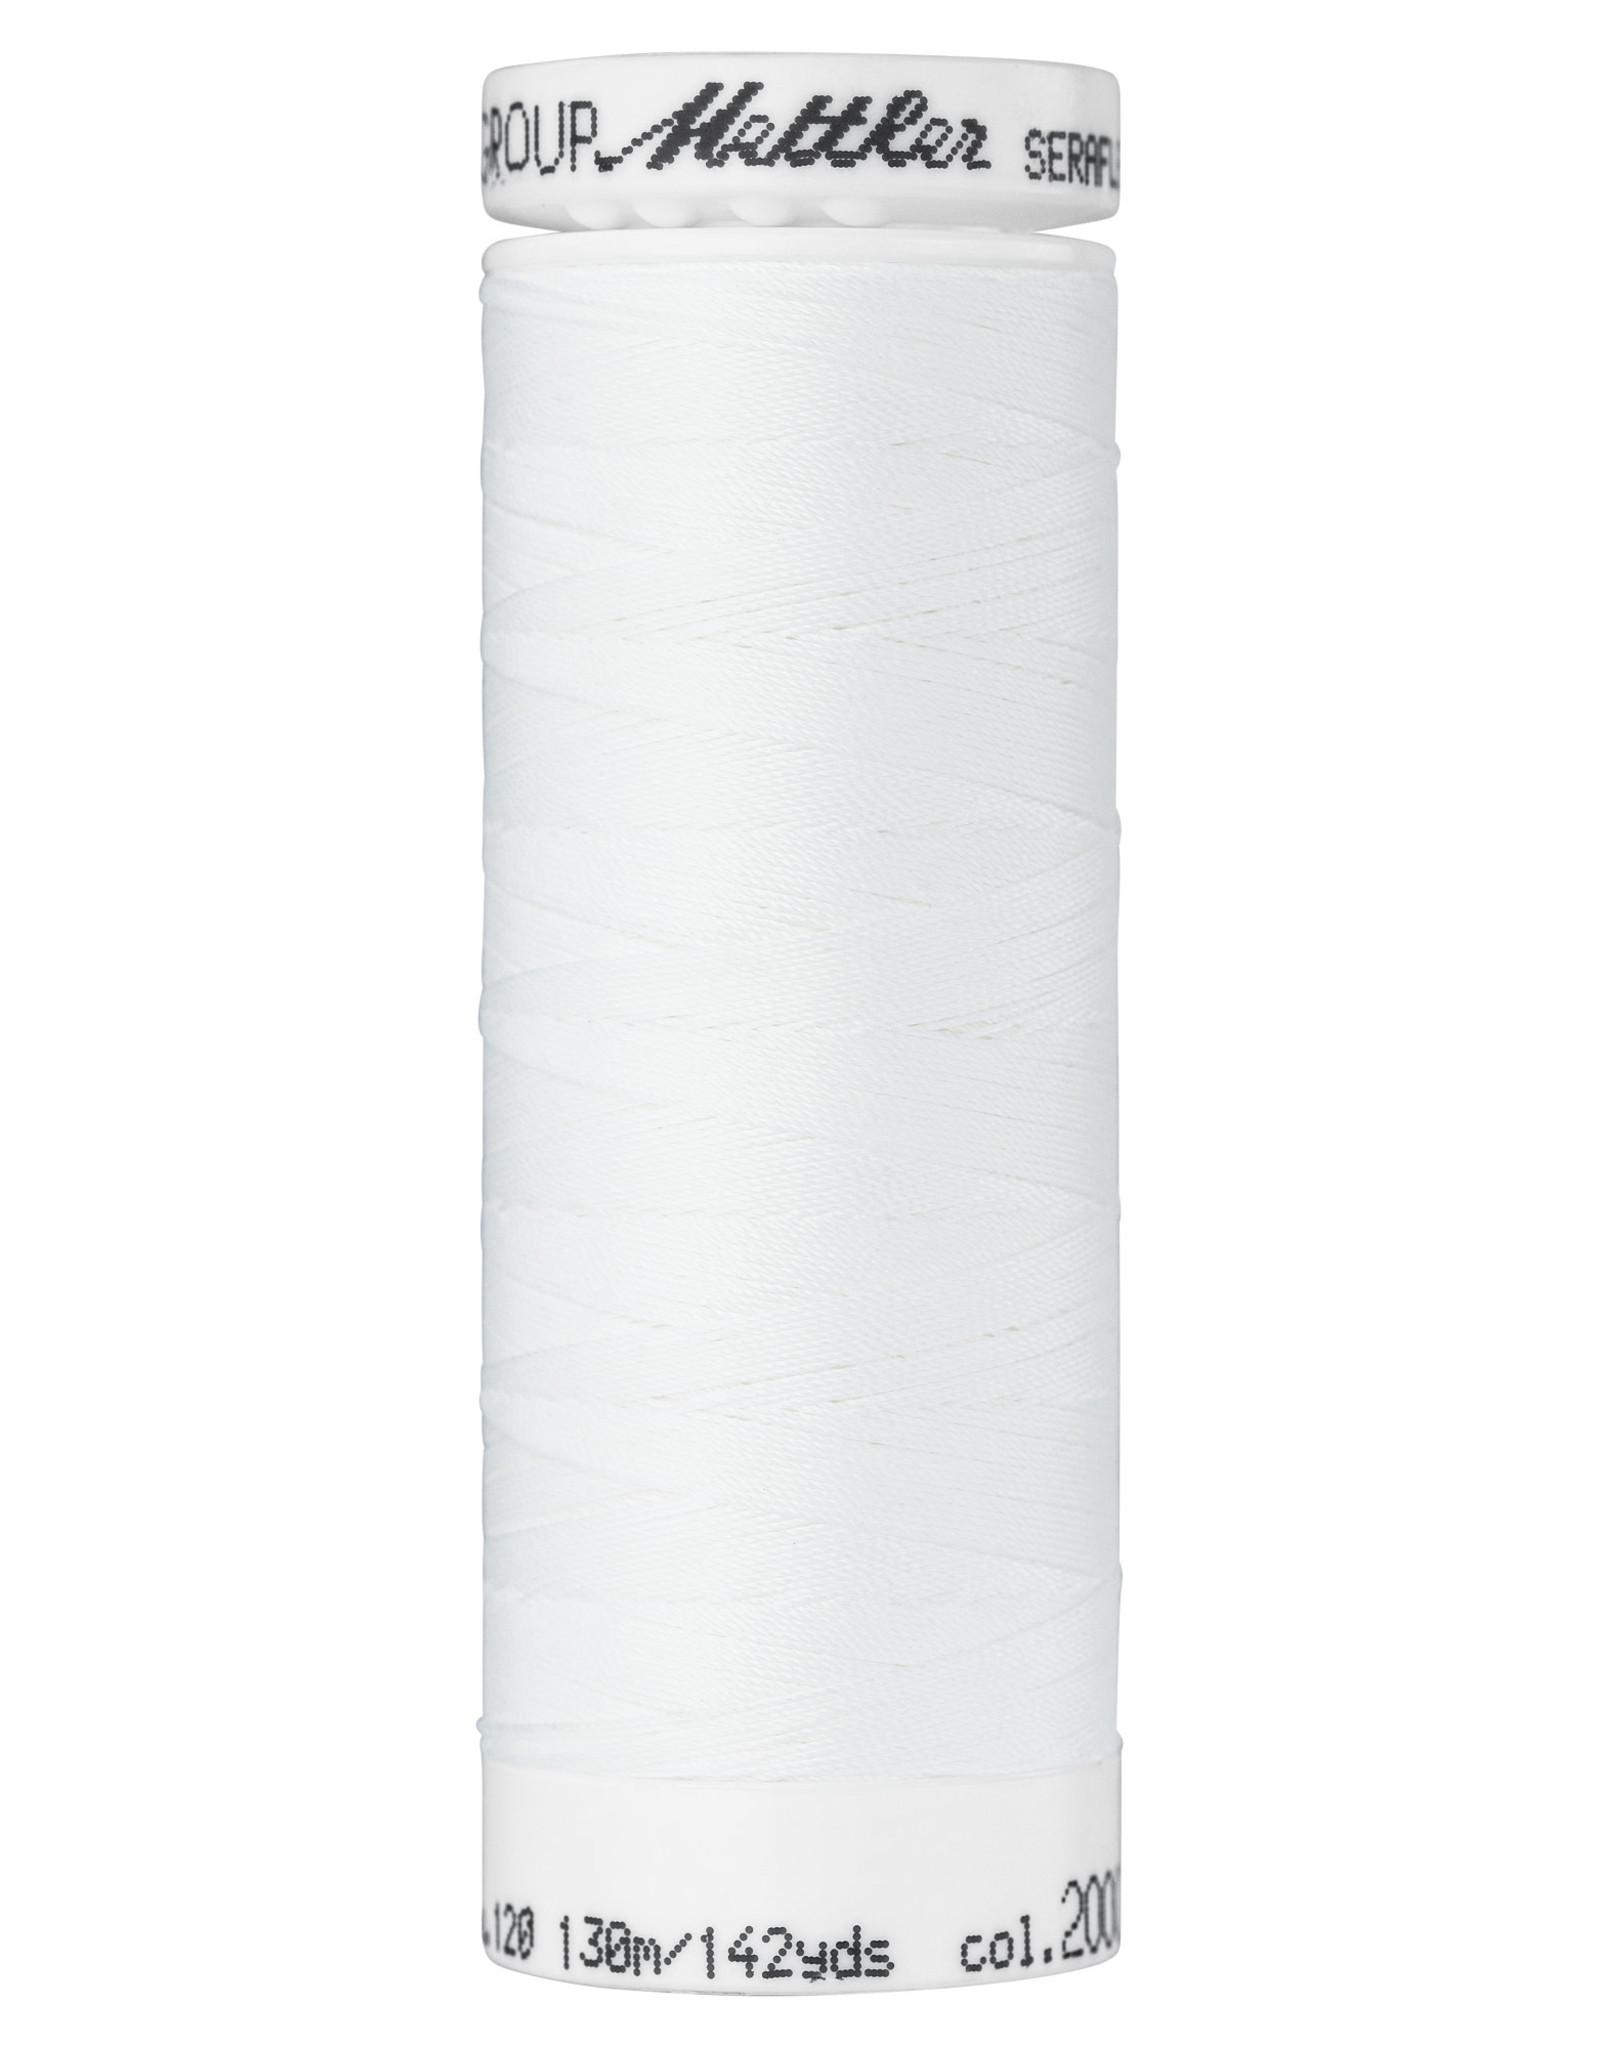 Mettler SERAFLEX elastisch naaigaren 120 130m/142yds nr 2000